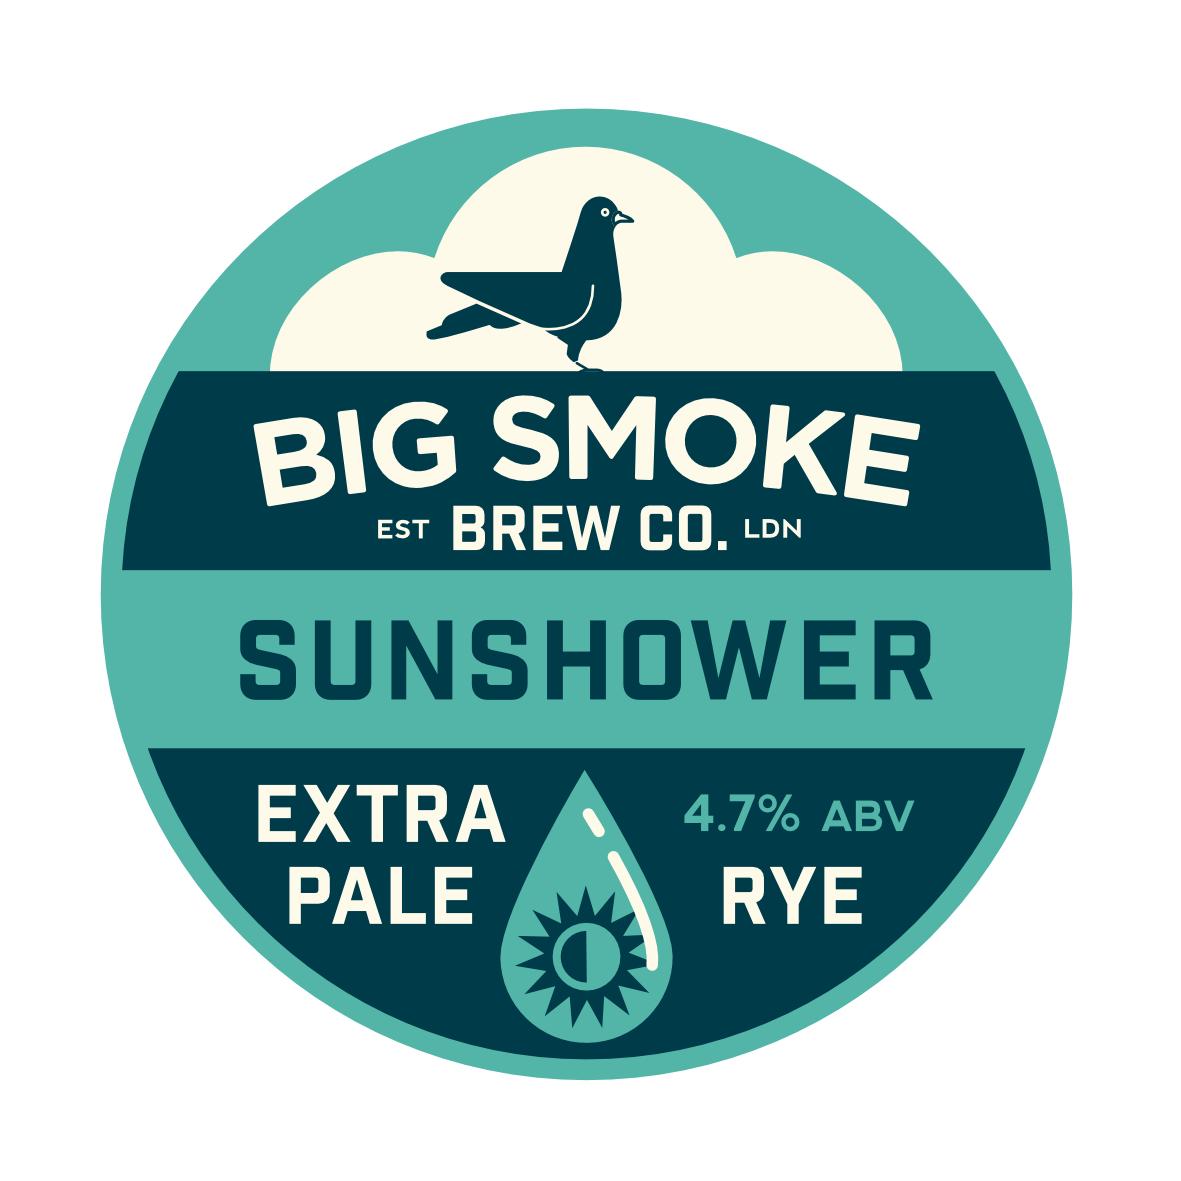 sunshower badge.jpg